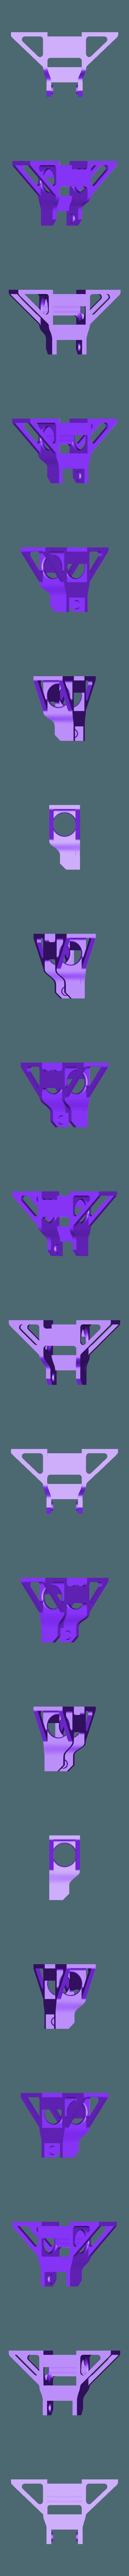 HBP_Cable_Chassis_Mount_v4.stl Télécharger fichier STL gratuit Anet A8 Plus Y chariot en Y (HBP) montage en chaîne à câble • Plan à imprimer en 3D, 3D-Designs